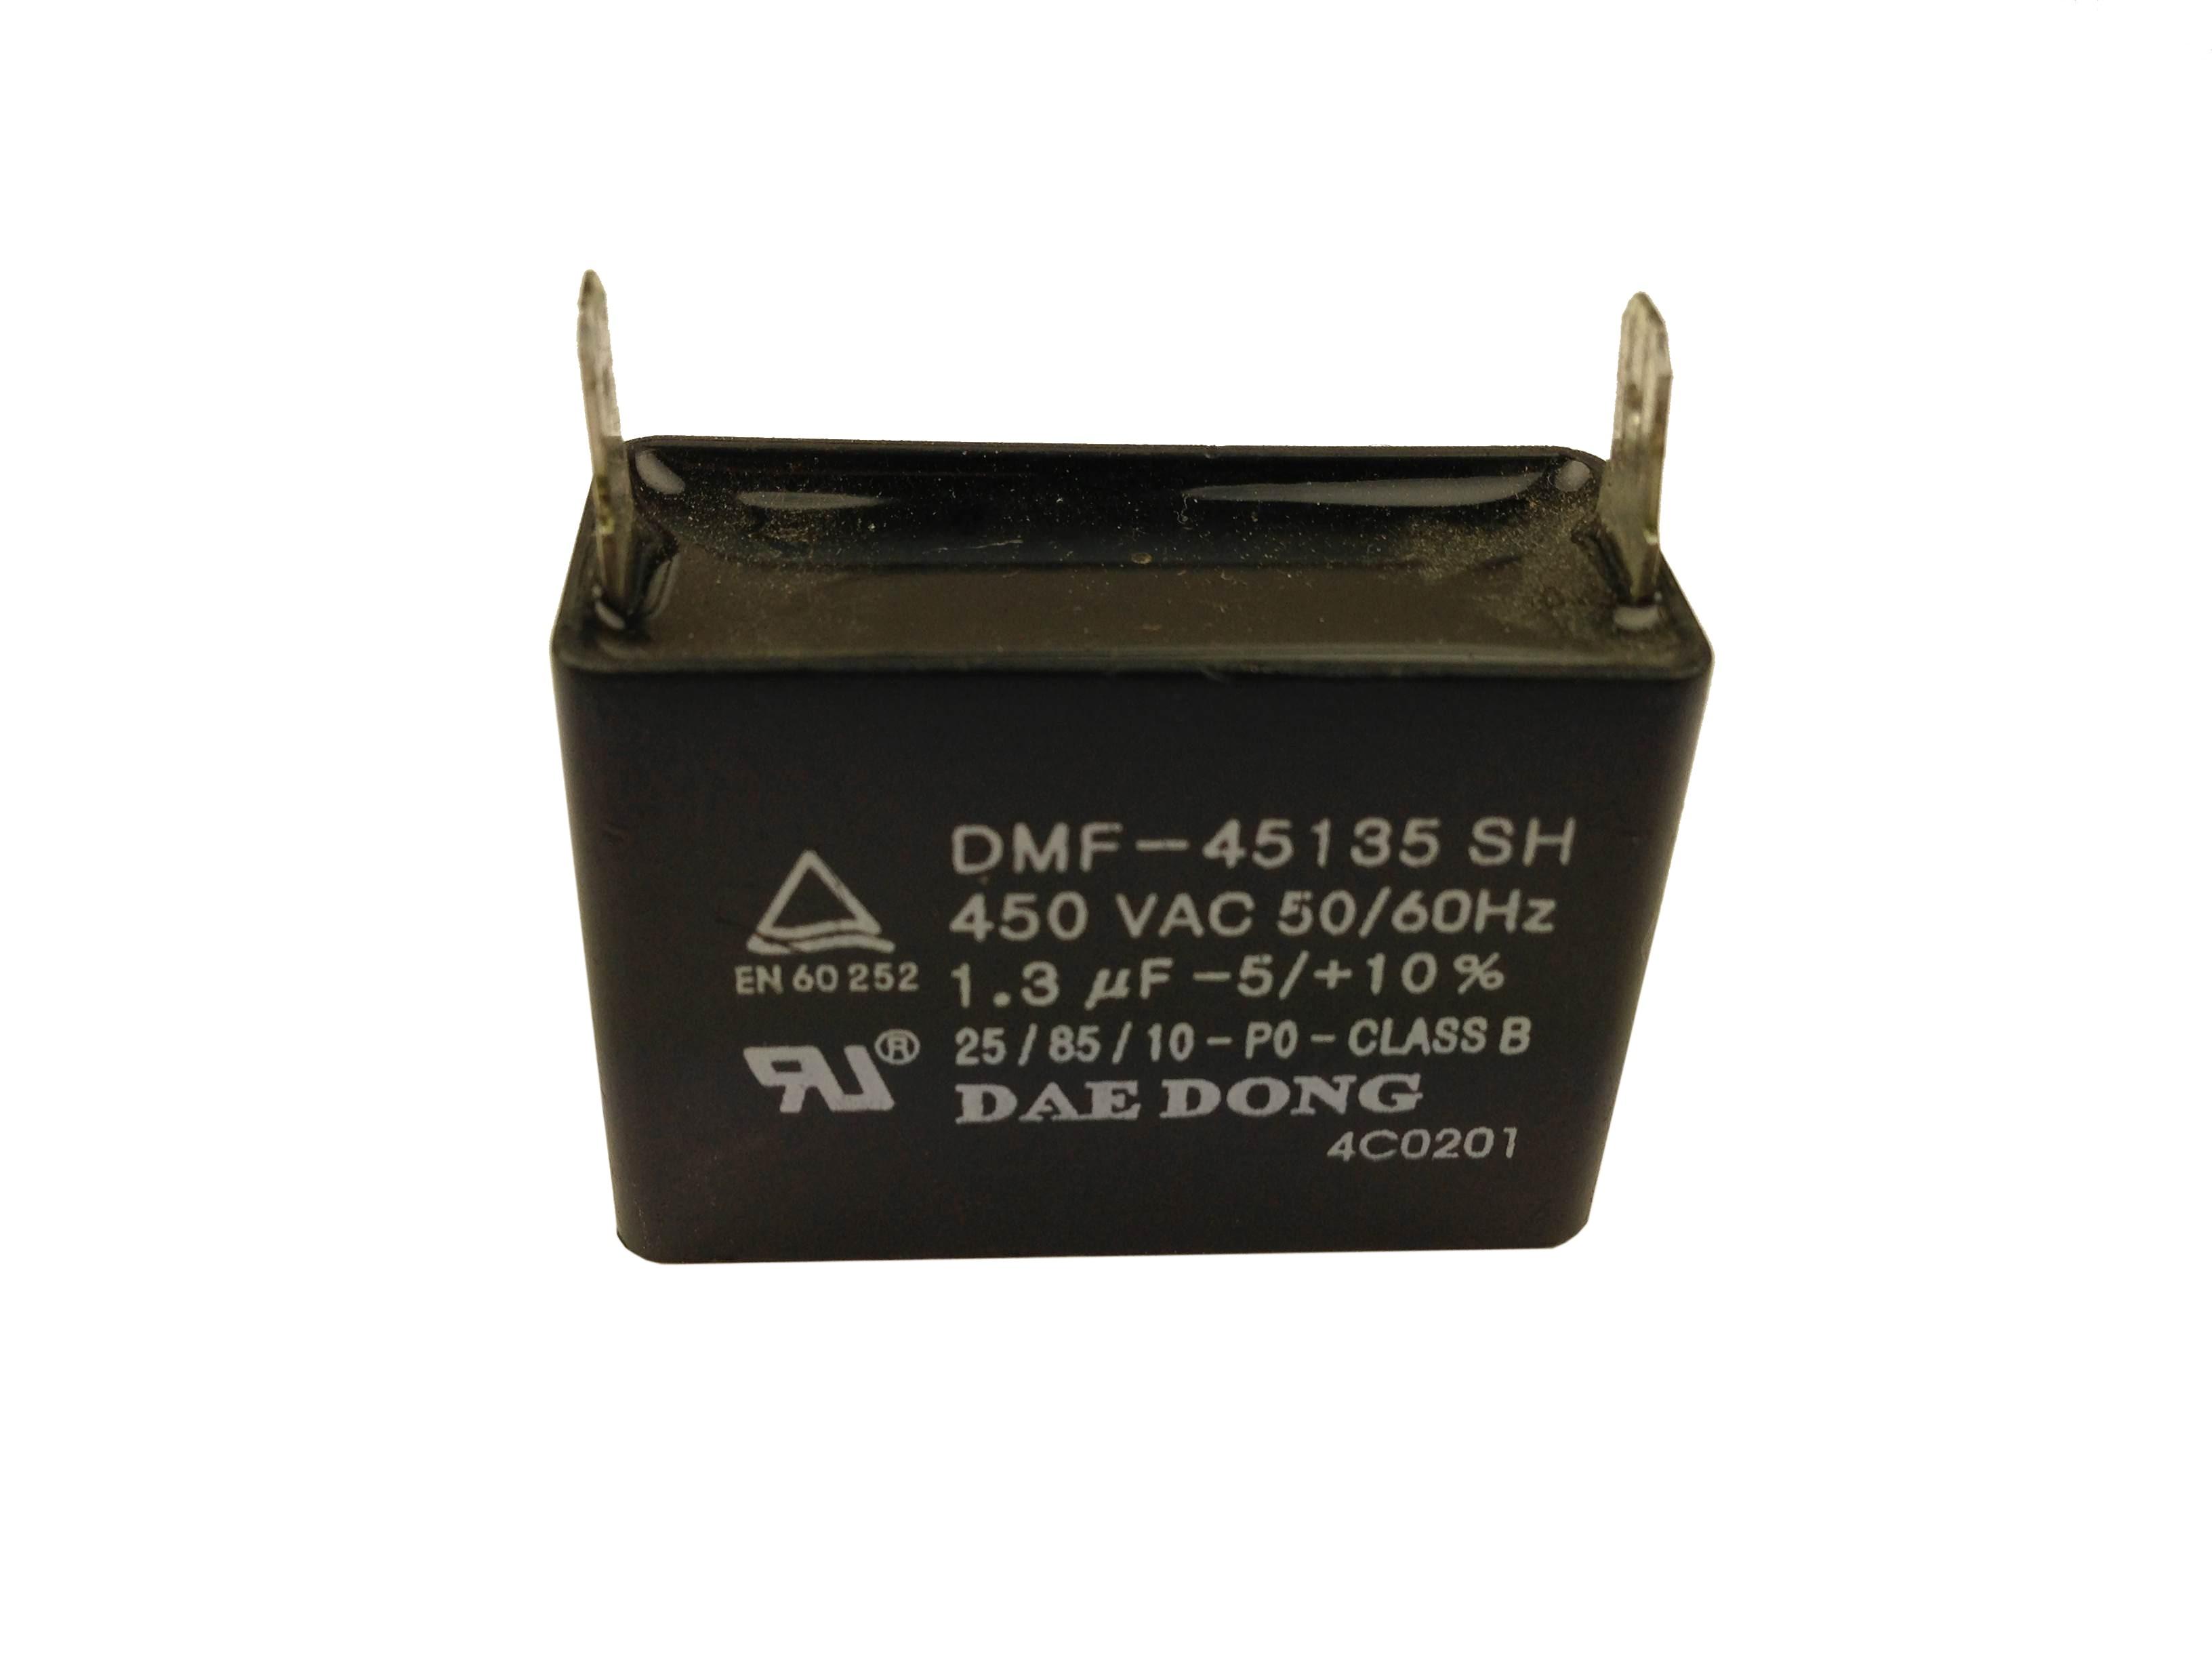 Kondensaattori 1,3 µF, BQ30